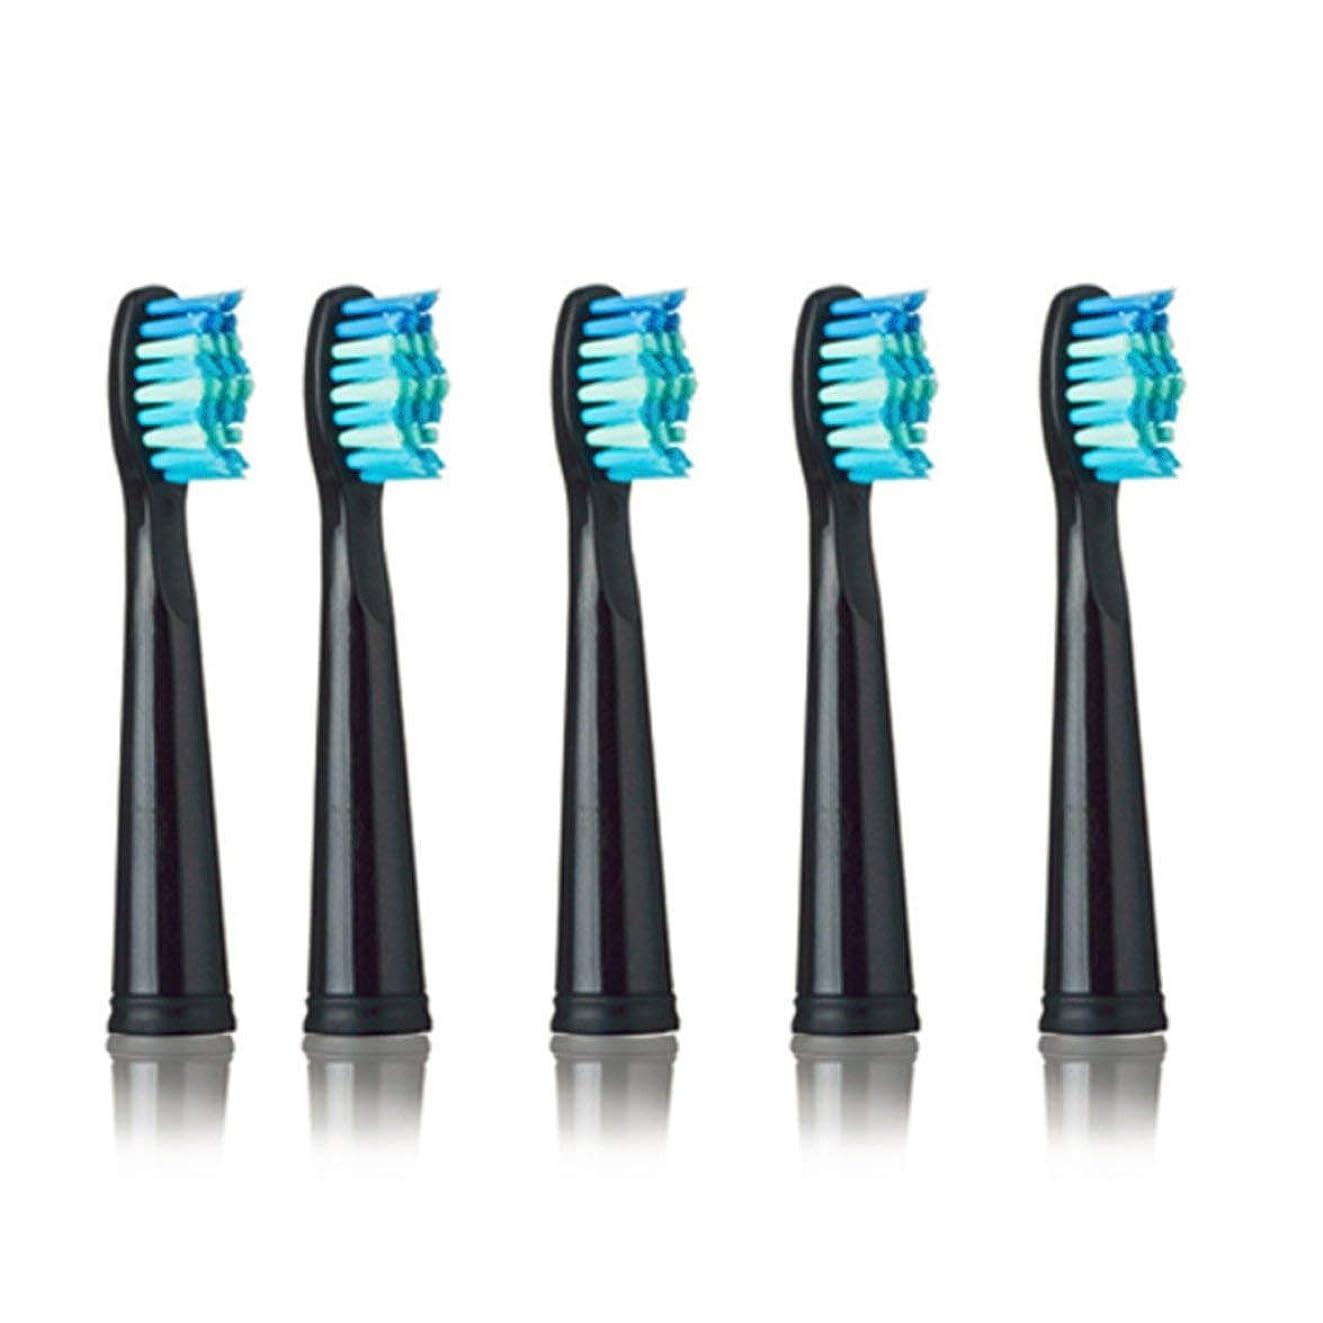 キャンセル付与構成SEAGO 949/507/610/659用電動歯ブラシヘッド抗菌自動歯ブラシヘッド電動歯ブラシ - ブラック